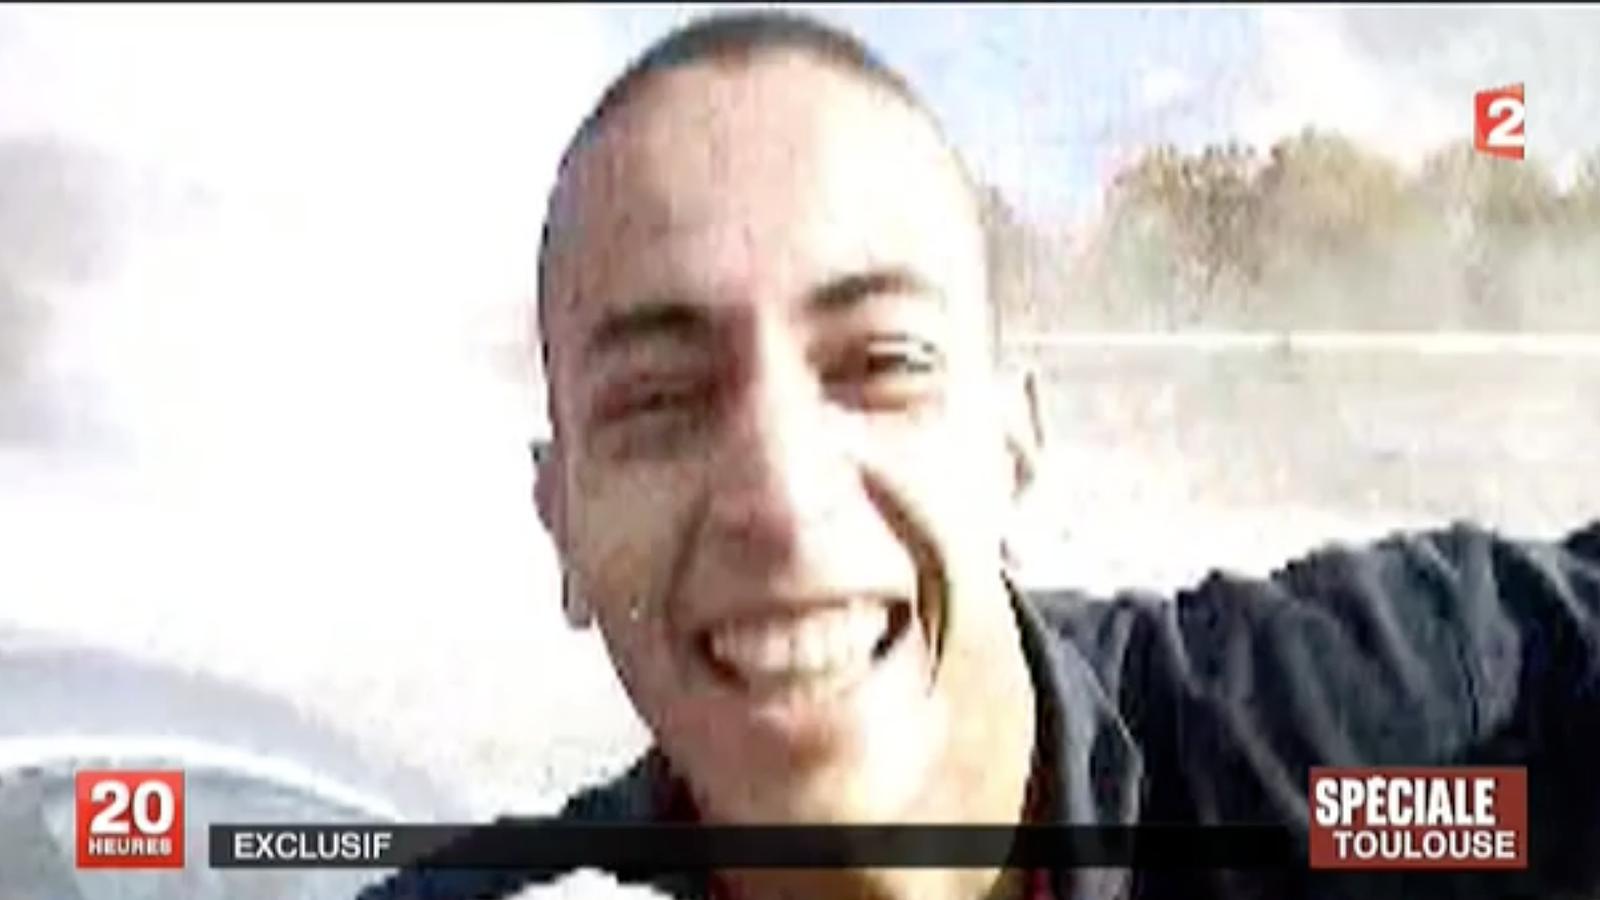 Les primeres imatges de Mohamed Merah, en un vídeo difós per France 2